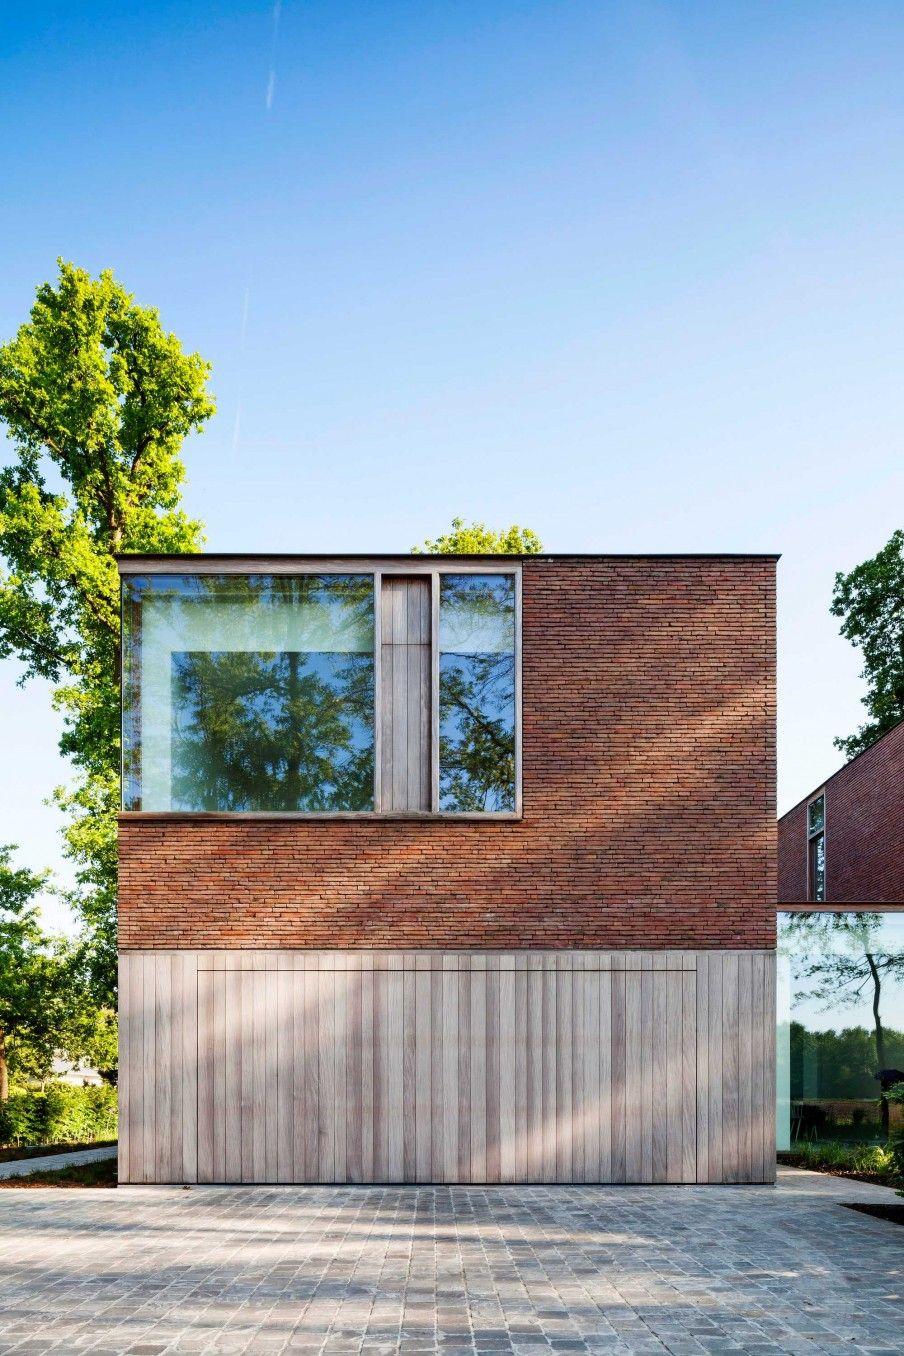 maison cubique plus maisons contemporaines pinterest maison cubique maisons et fa ades. Black Bedroom Furniture Sets. Home Design Ideas